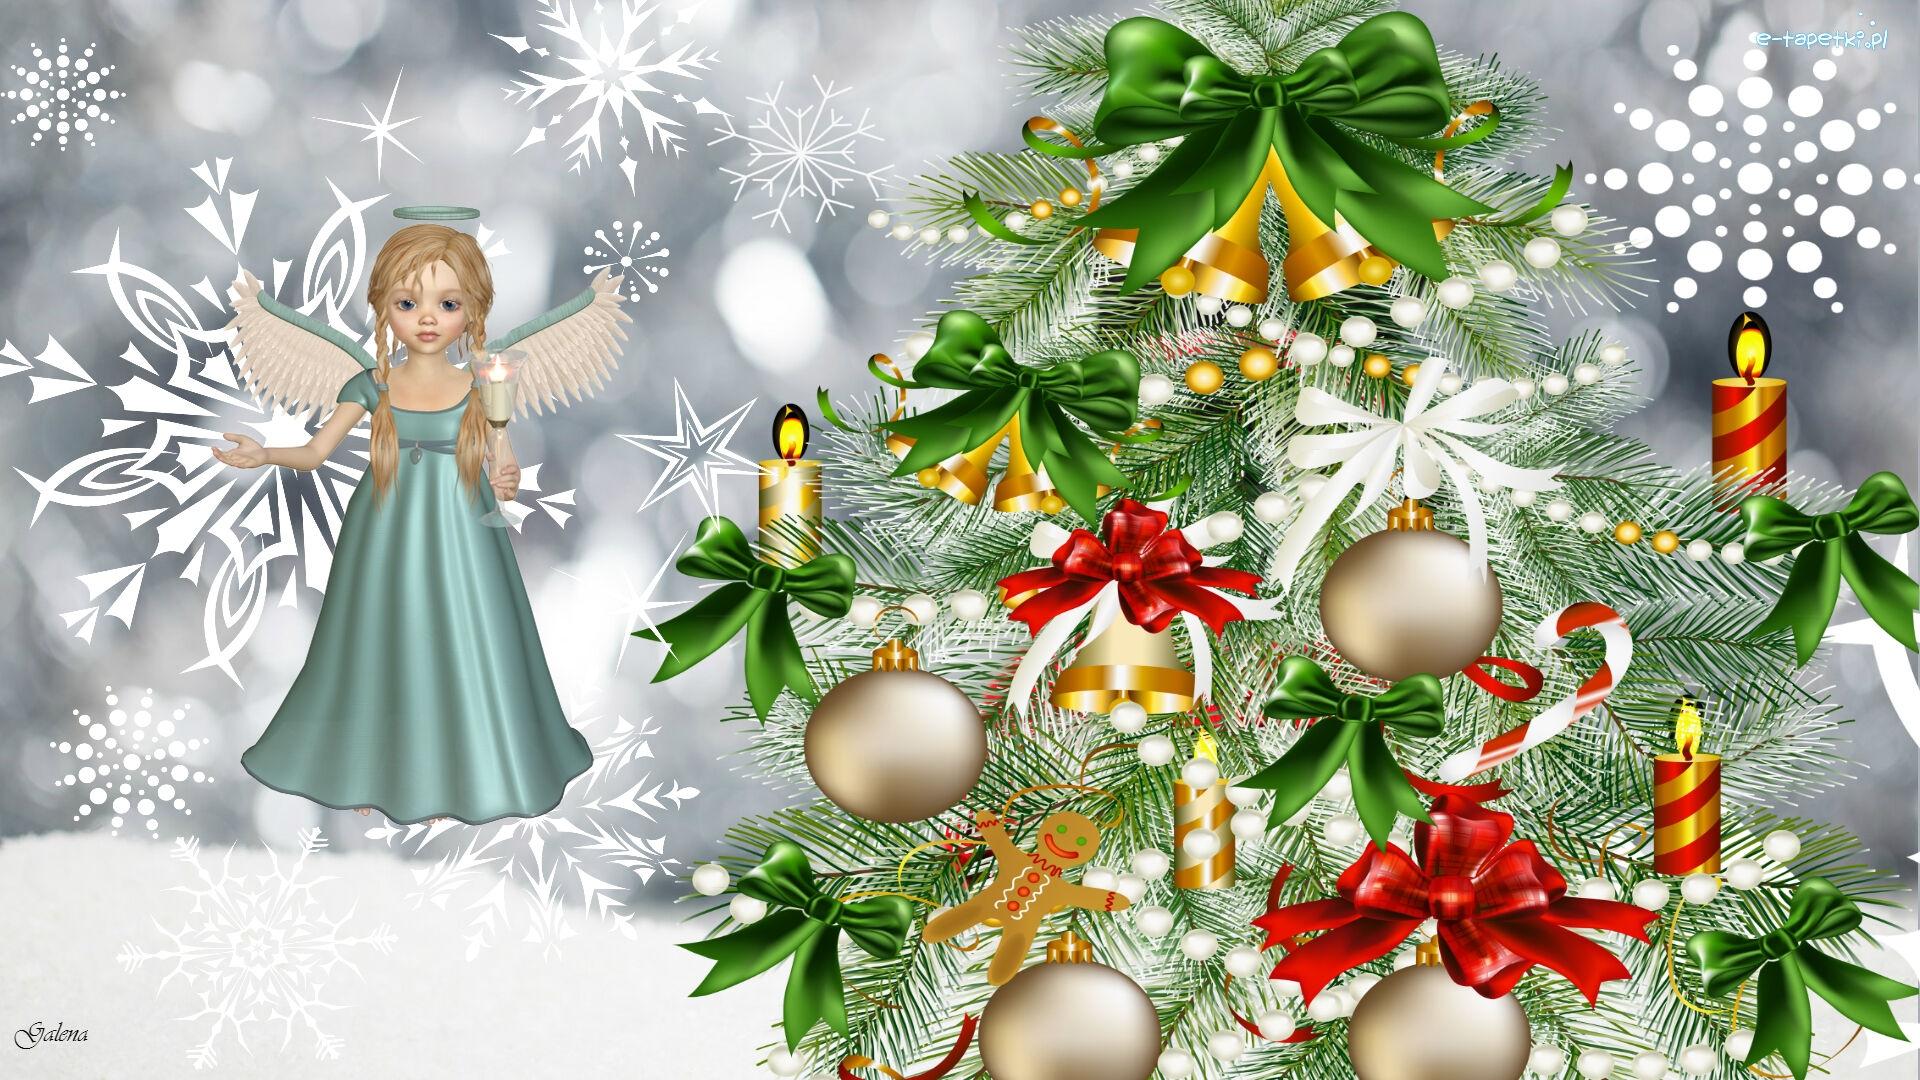 Anioł, Choinka, Boże Narodzenie, Grafika 2D